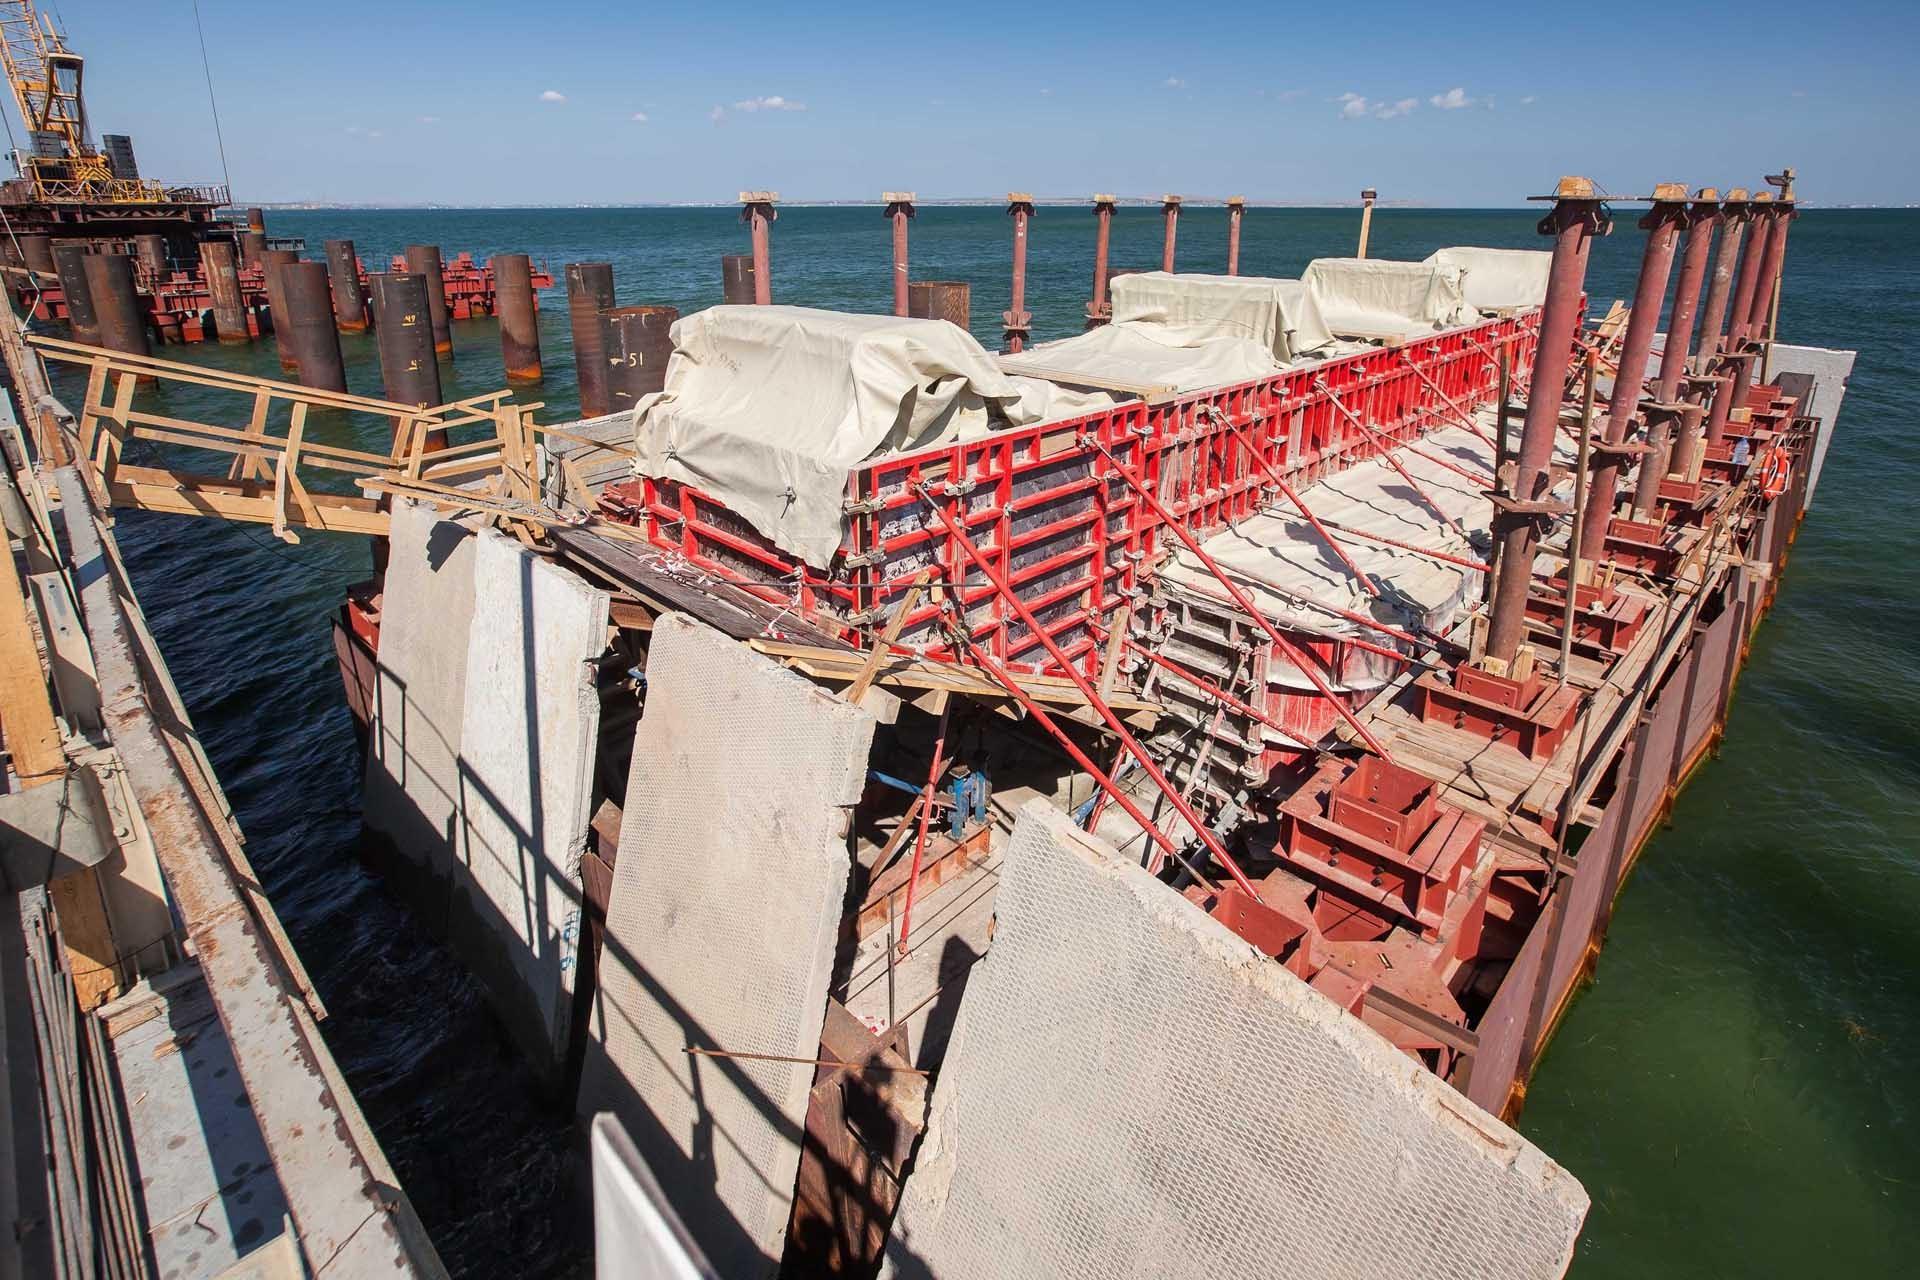 ход строительства керченского моста фото скакалке